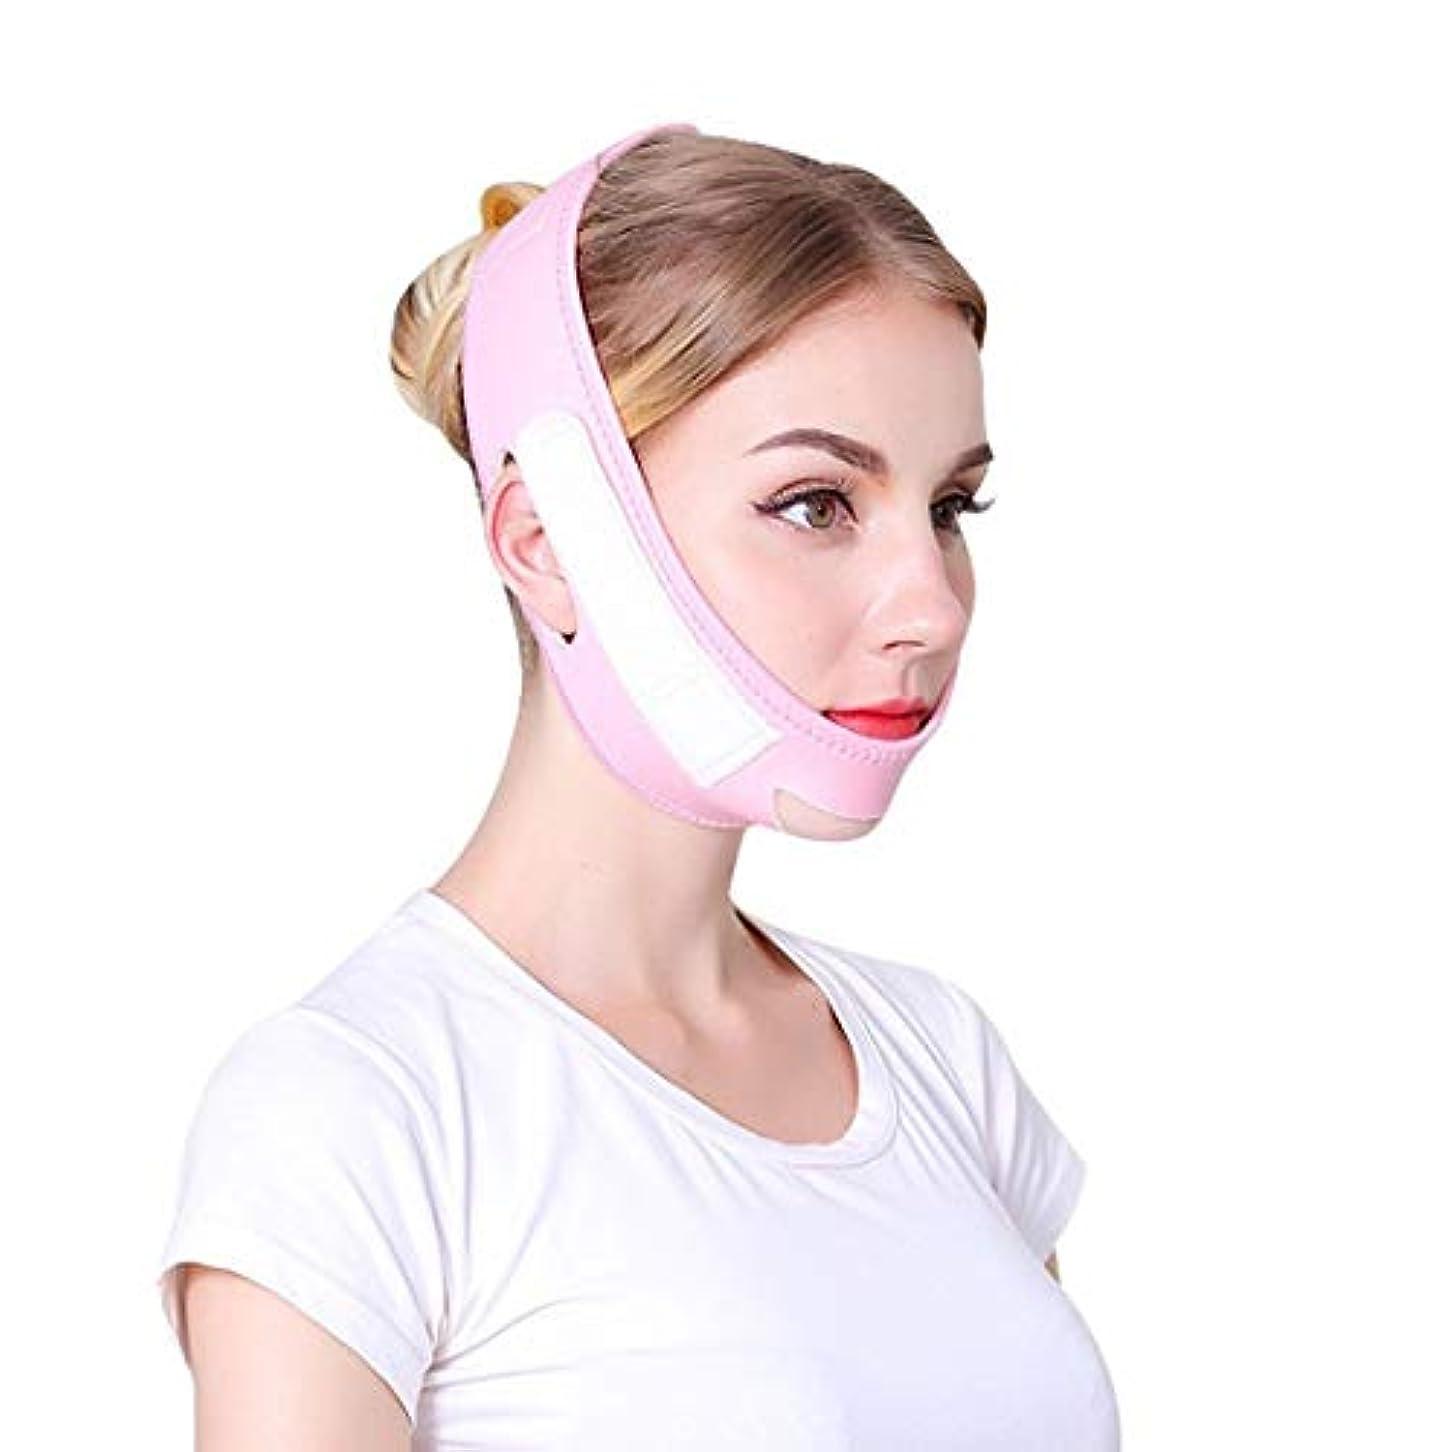 少ない消化器お別れZWBD フェイスマスク, 痩身Vマスク二重あごケア減量美容ベルト付きフェイスリフティング包帯顔の減量マスクリフティングフェイス